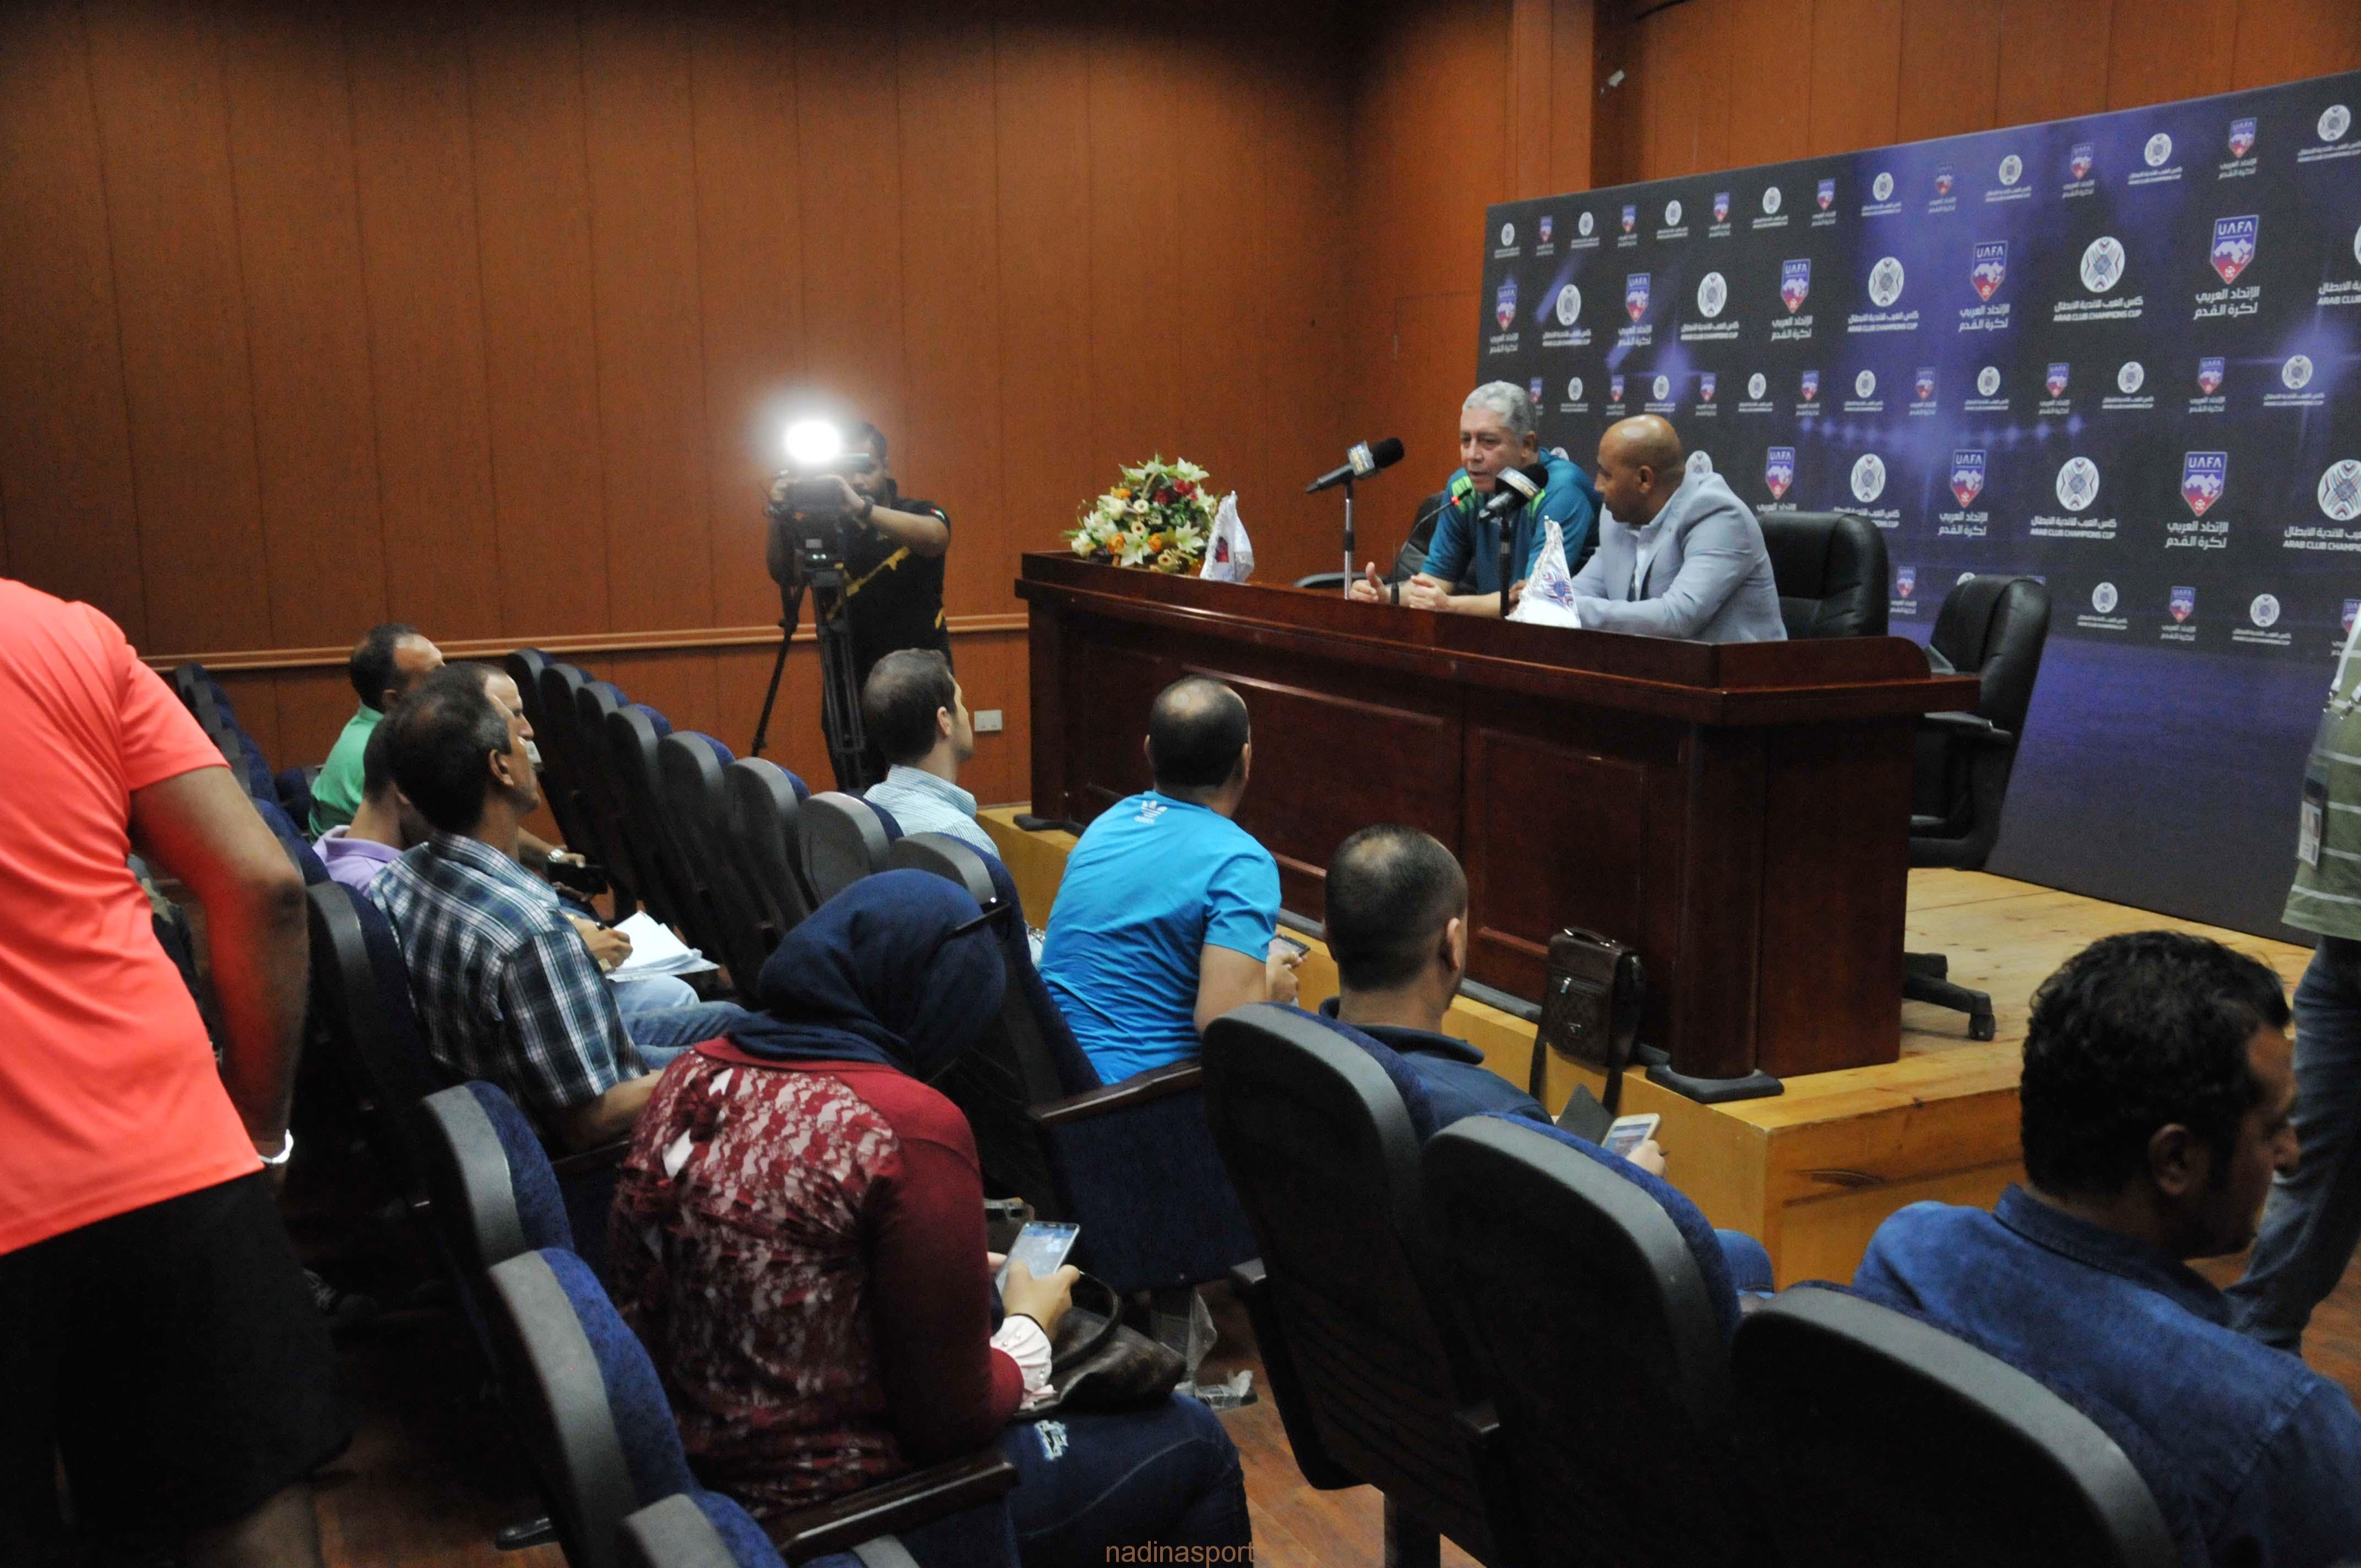 المؤتمر الصحفي لمباراة اتحاد السكندري المصري والترجي التونسي